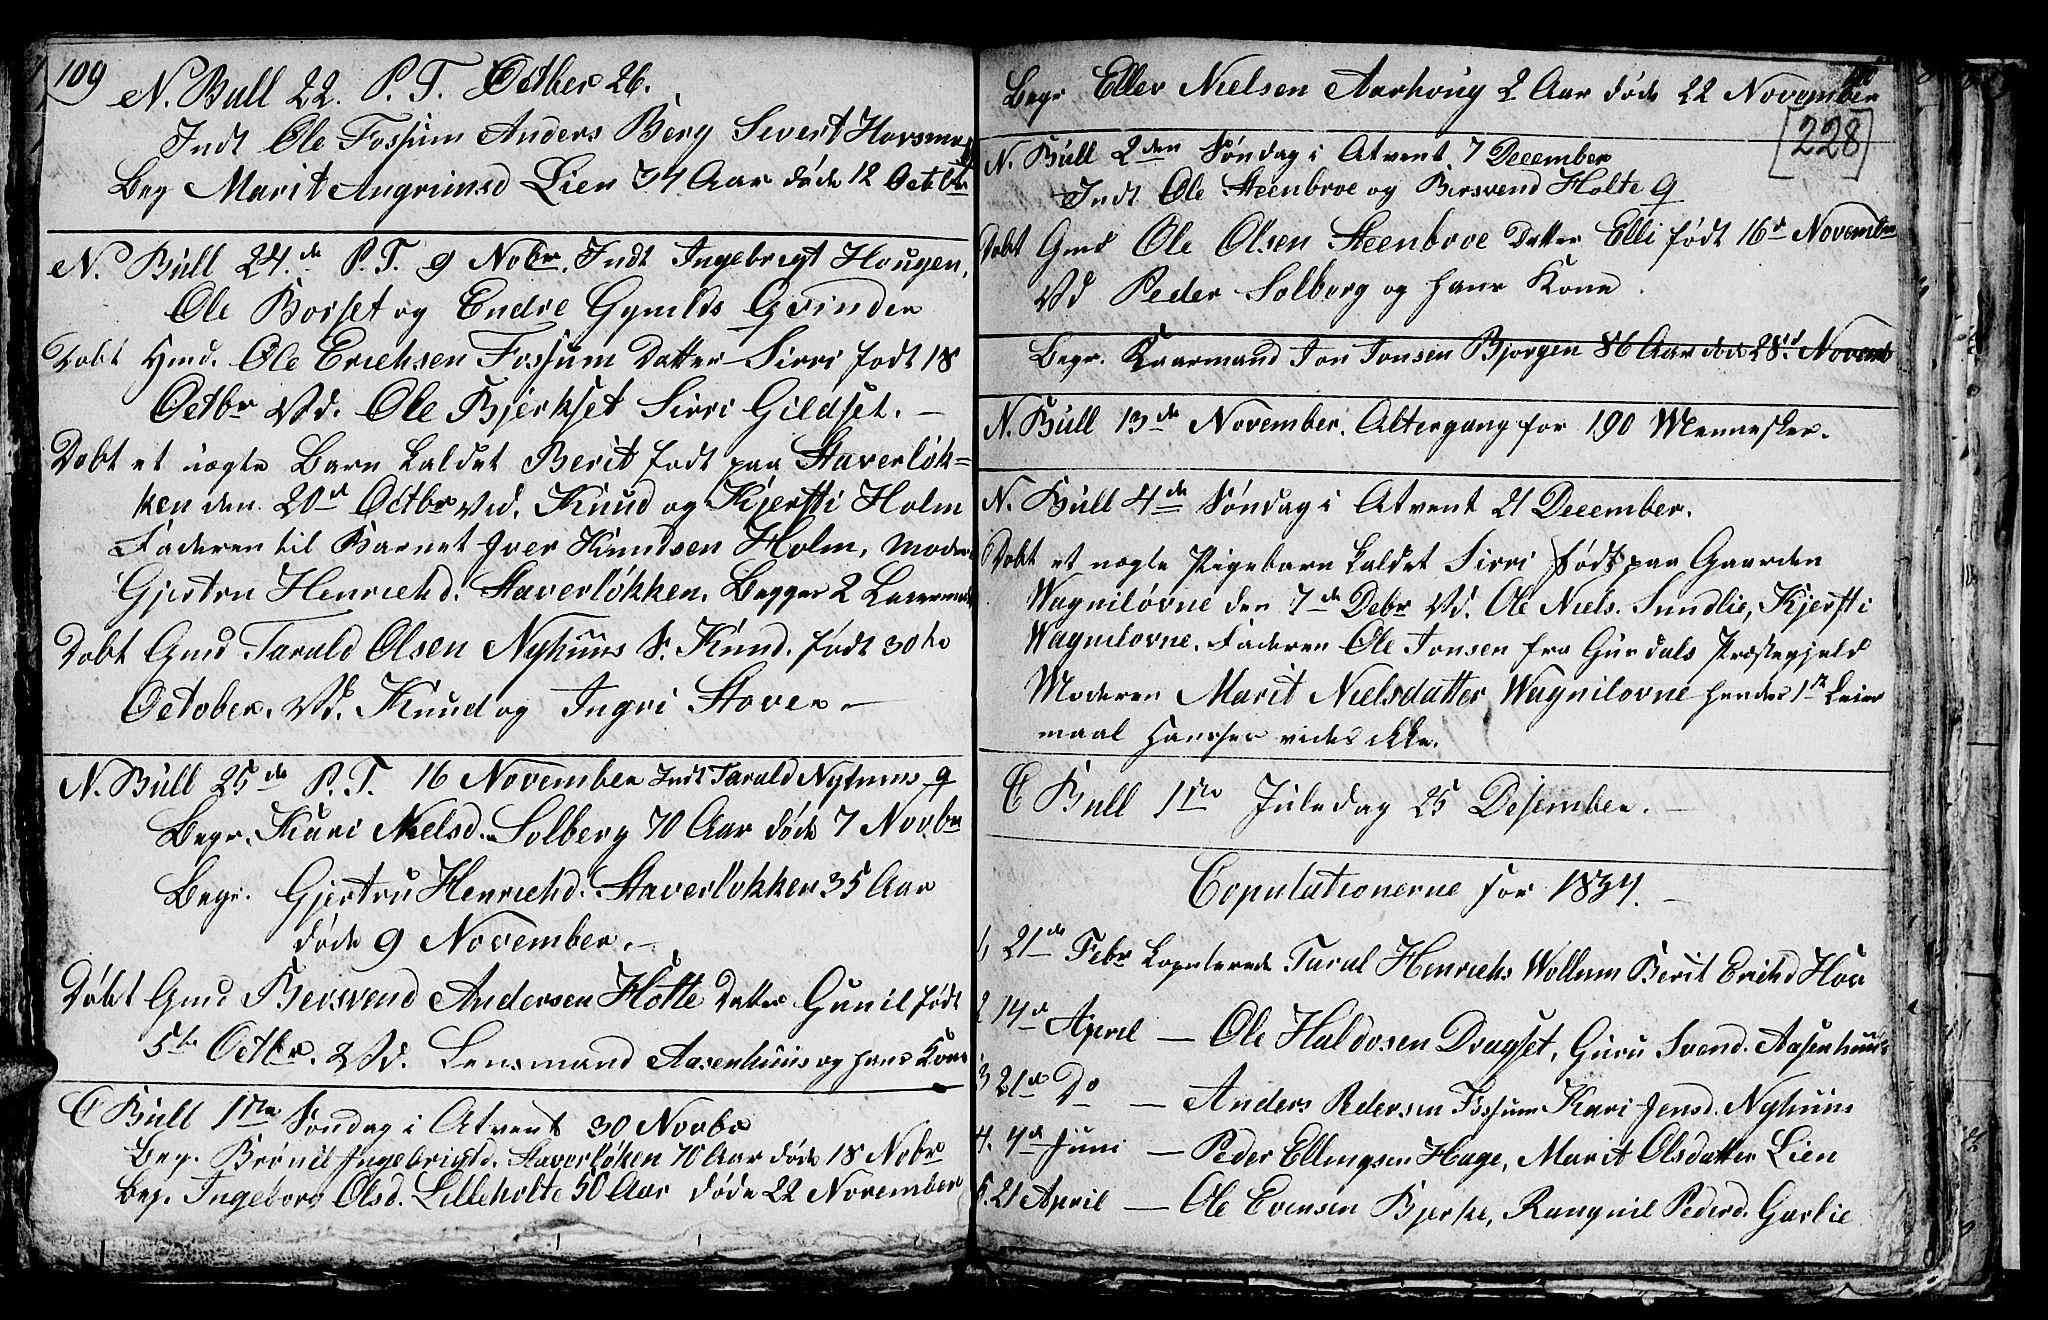 SAT, Ministerialprotokoller, klokkerbøker og fødselsregistre - Sør-Trøndelag, 689/L1042: Klokkerbok nr. 689C01, 1812-1841, s. 227-228